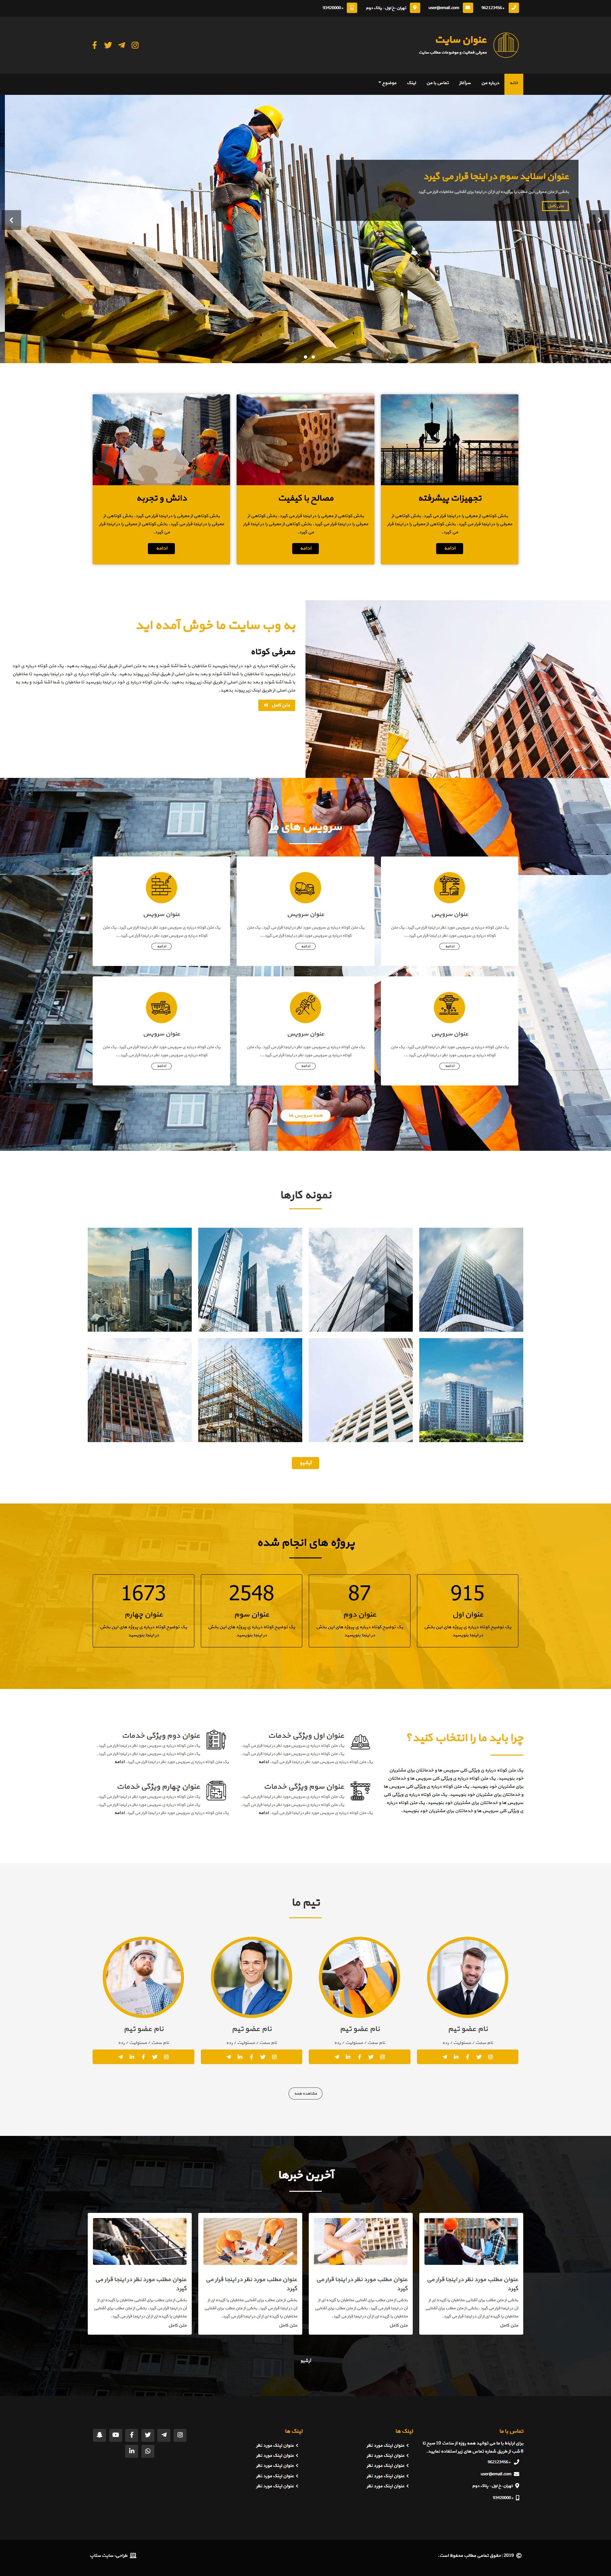 قالب بلاگ بیان حرفه ای شرکت ساخت و ساز و ساختمانی - عمران-نقشه کشی و فنی مهندسی